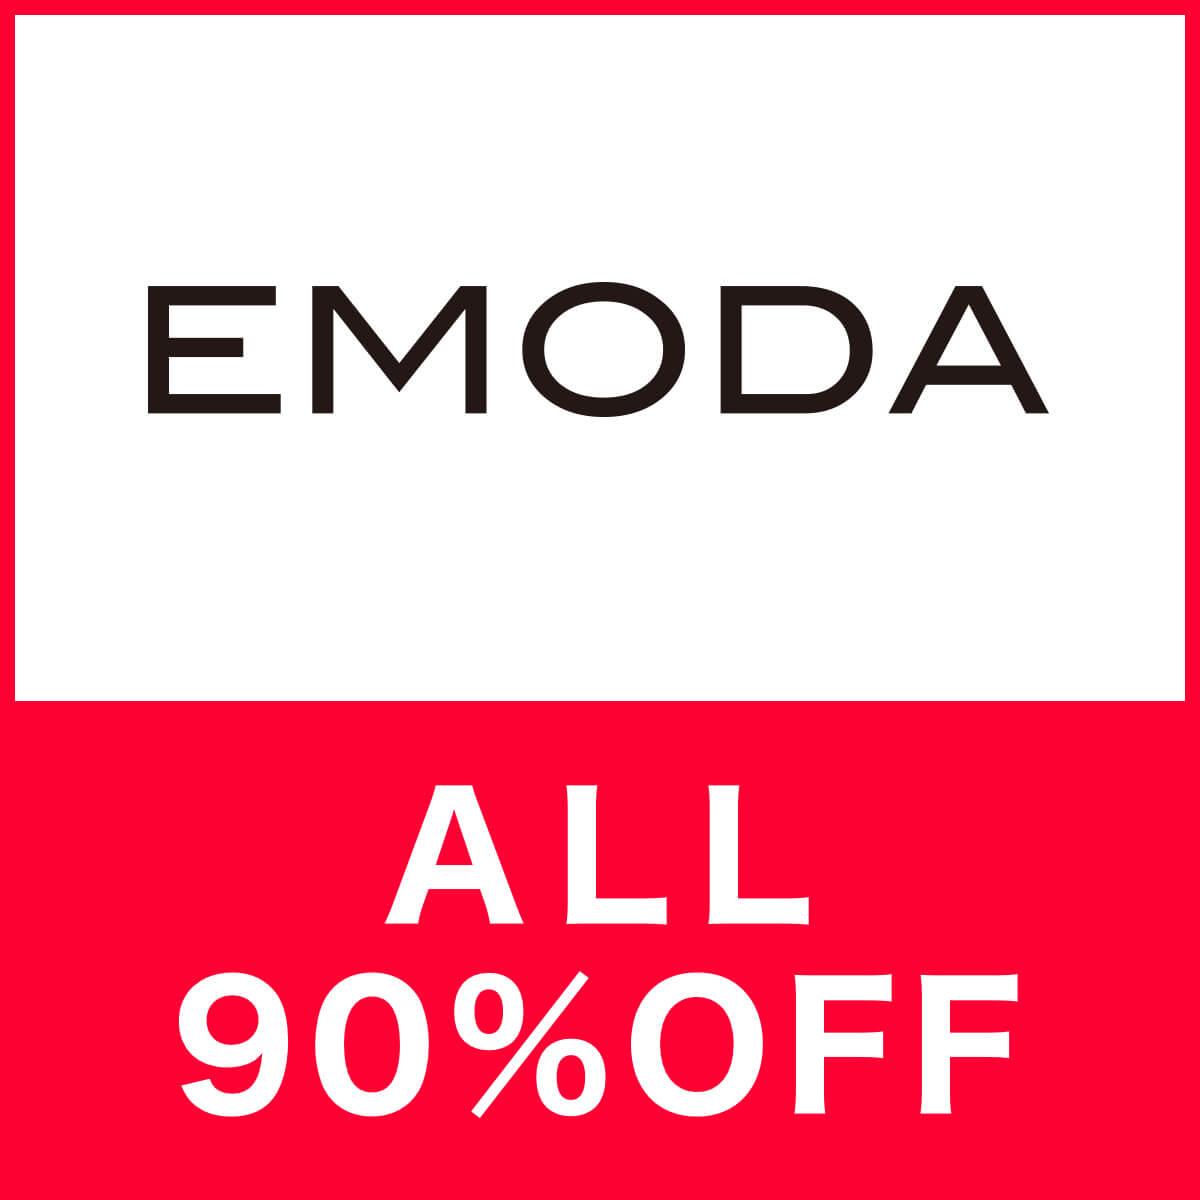 EMODA[エモダ]ALL90%OFF